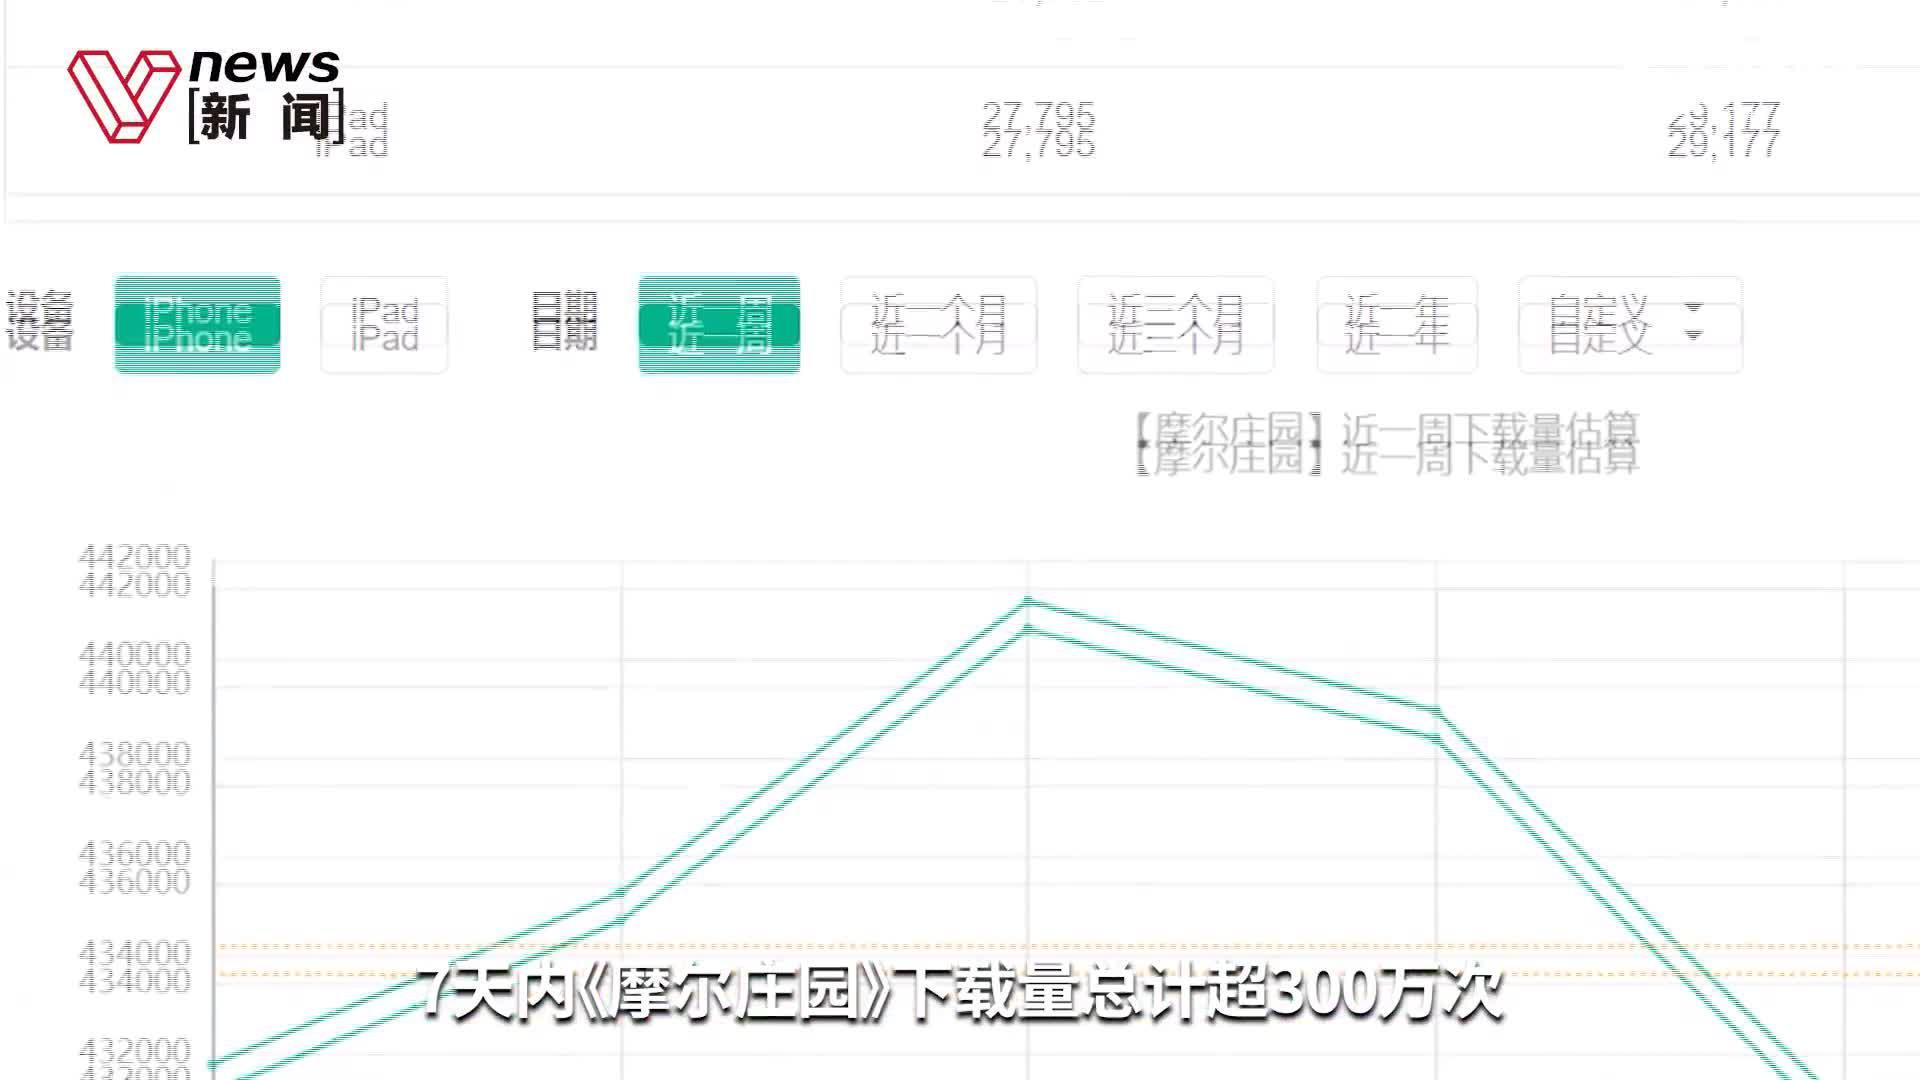 上线七天霸榜第一,手游《摩尔庄园》背后公司吉比特暴涨100亿